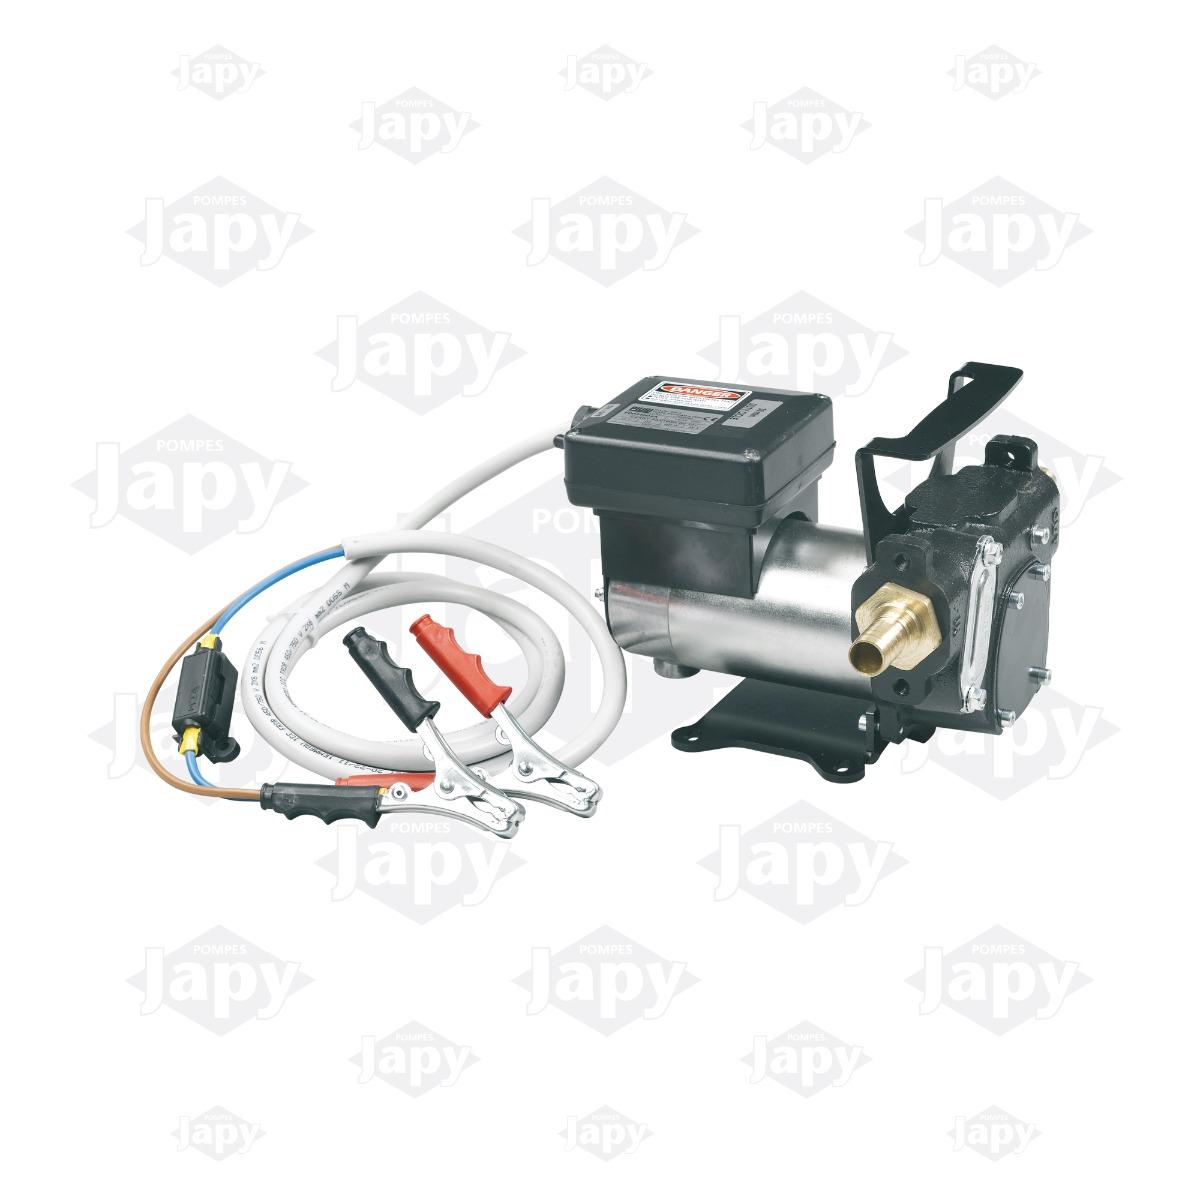 Audacieux Pompe electrique à gasoil : distributeur, transfert...| Gasoil XK-84